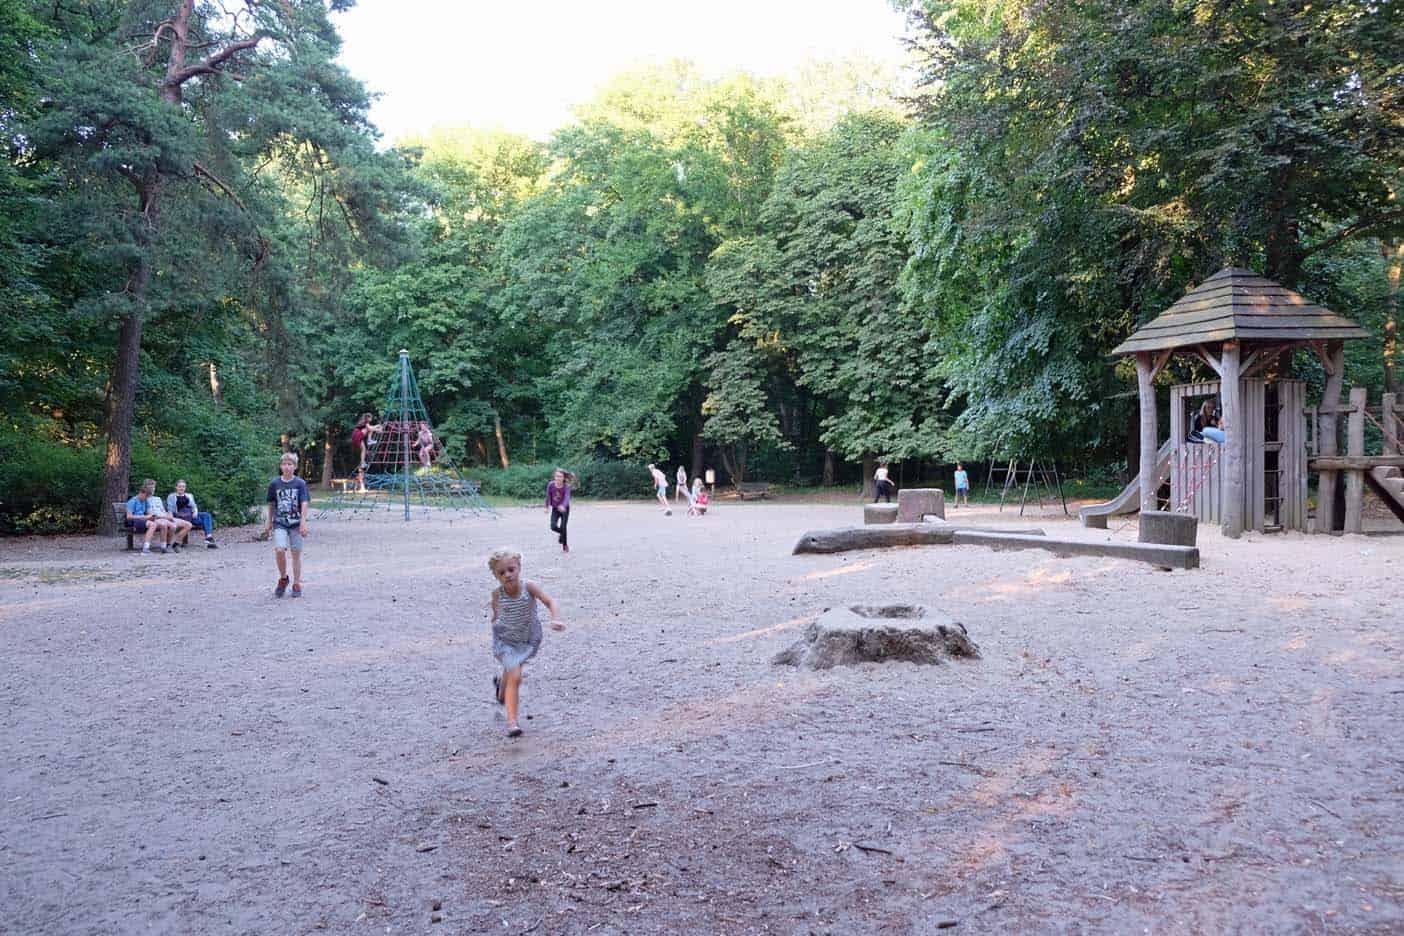 Eilenreide park